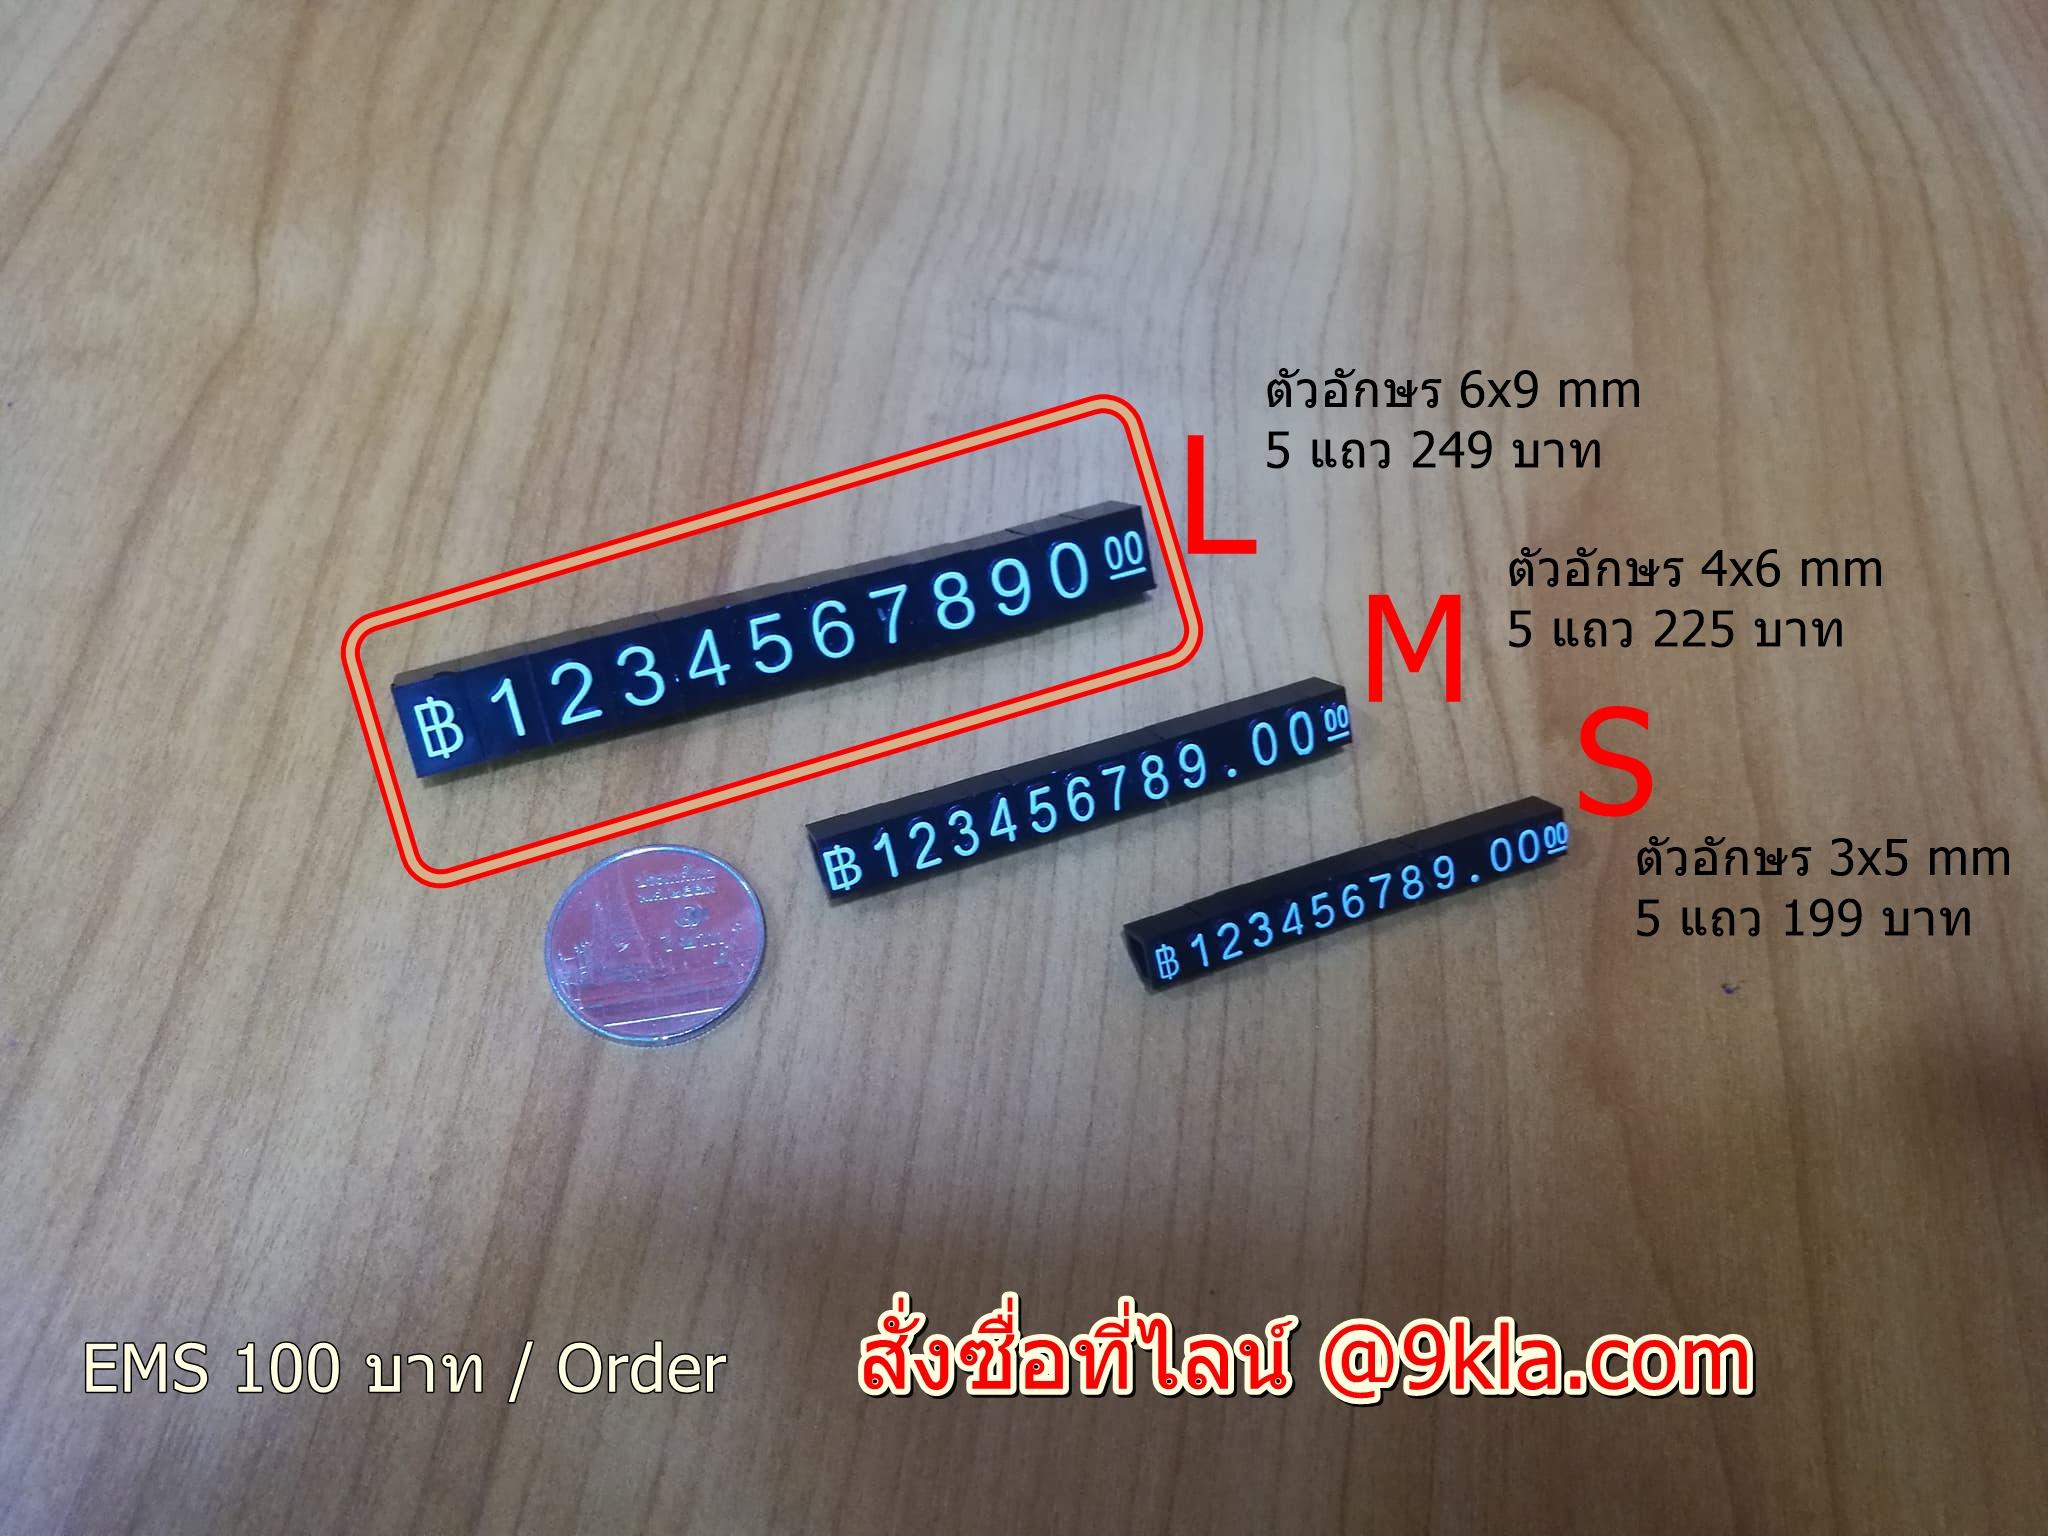 ป้ายตัวเลขพลาสติก บอกราคา จิวเวอรรี่ ป้ายตัวเลขพลาสติก แสดงราคา ขนาด L